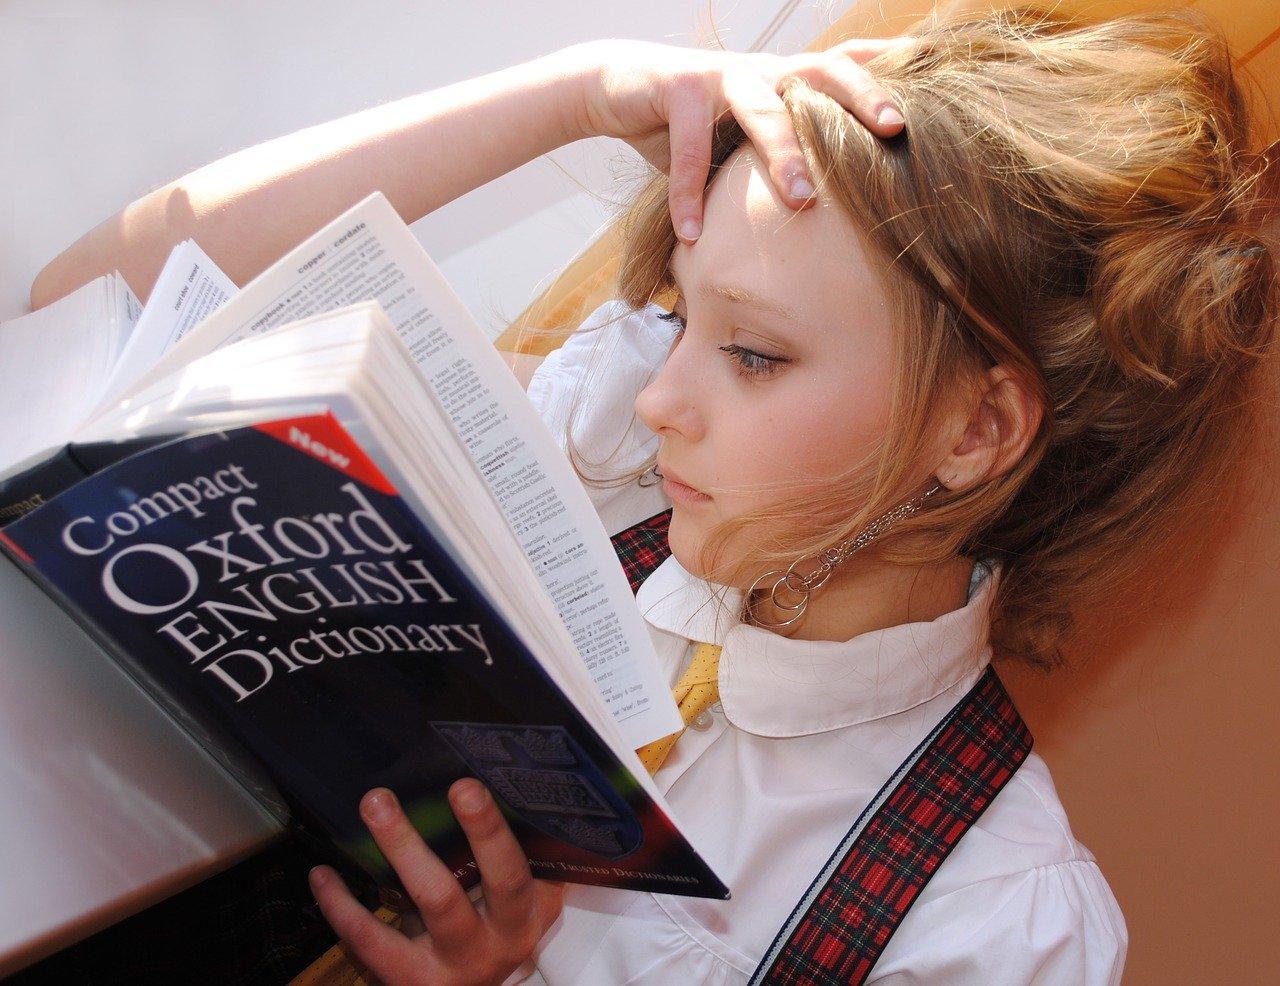 学生、若い方の頭痛が増えております!春先は体調の変化に気を付けて!